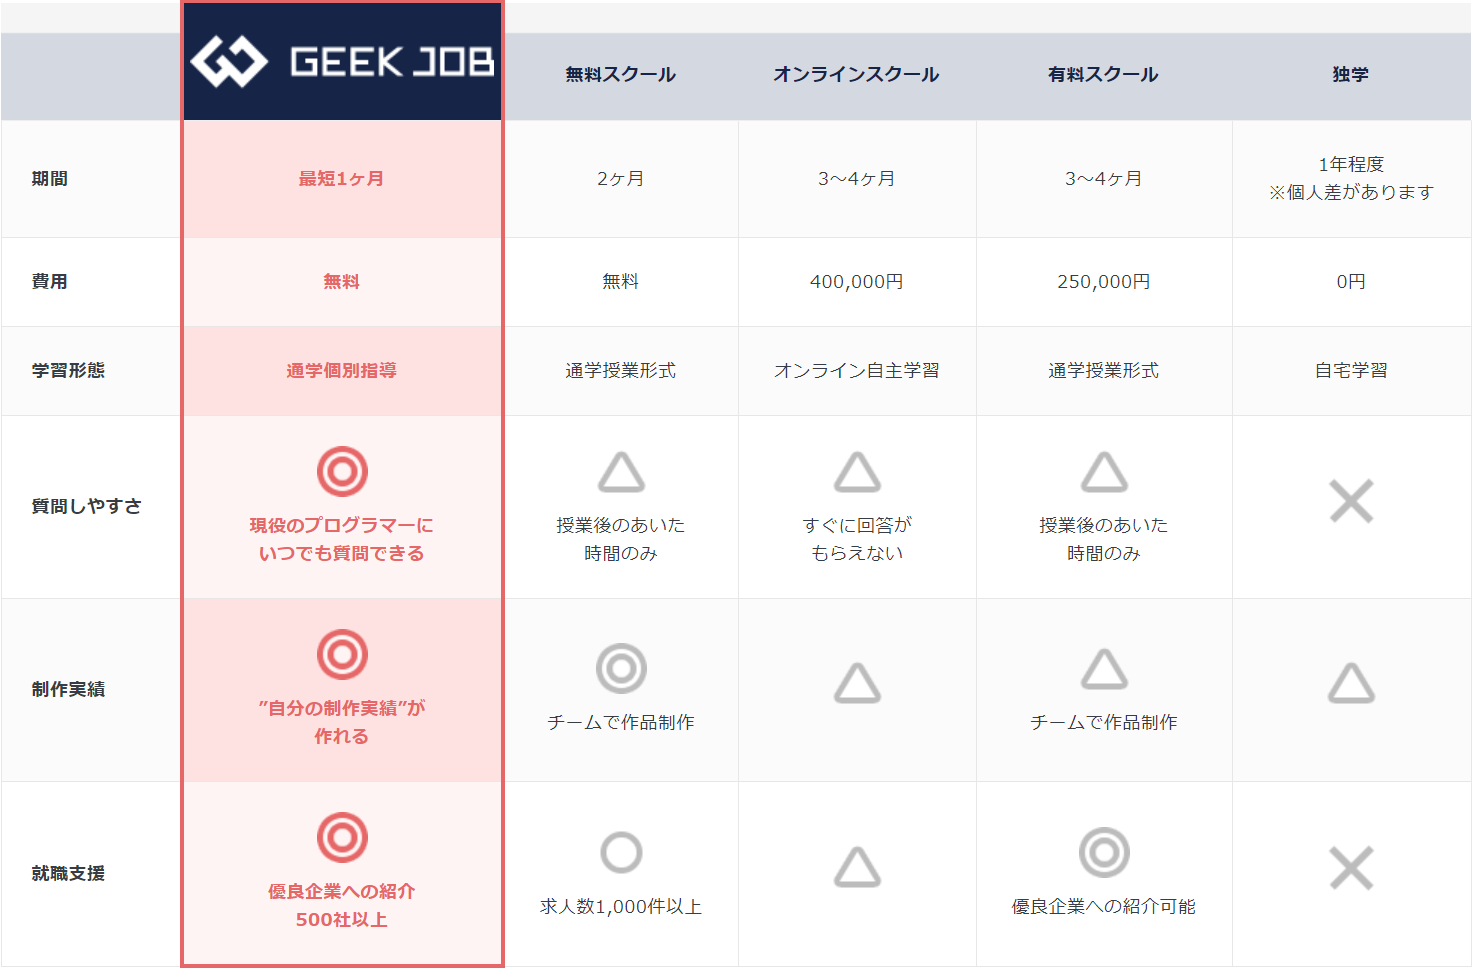 無料のプログラミング通信講座GEEKJOB